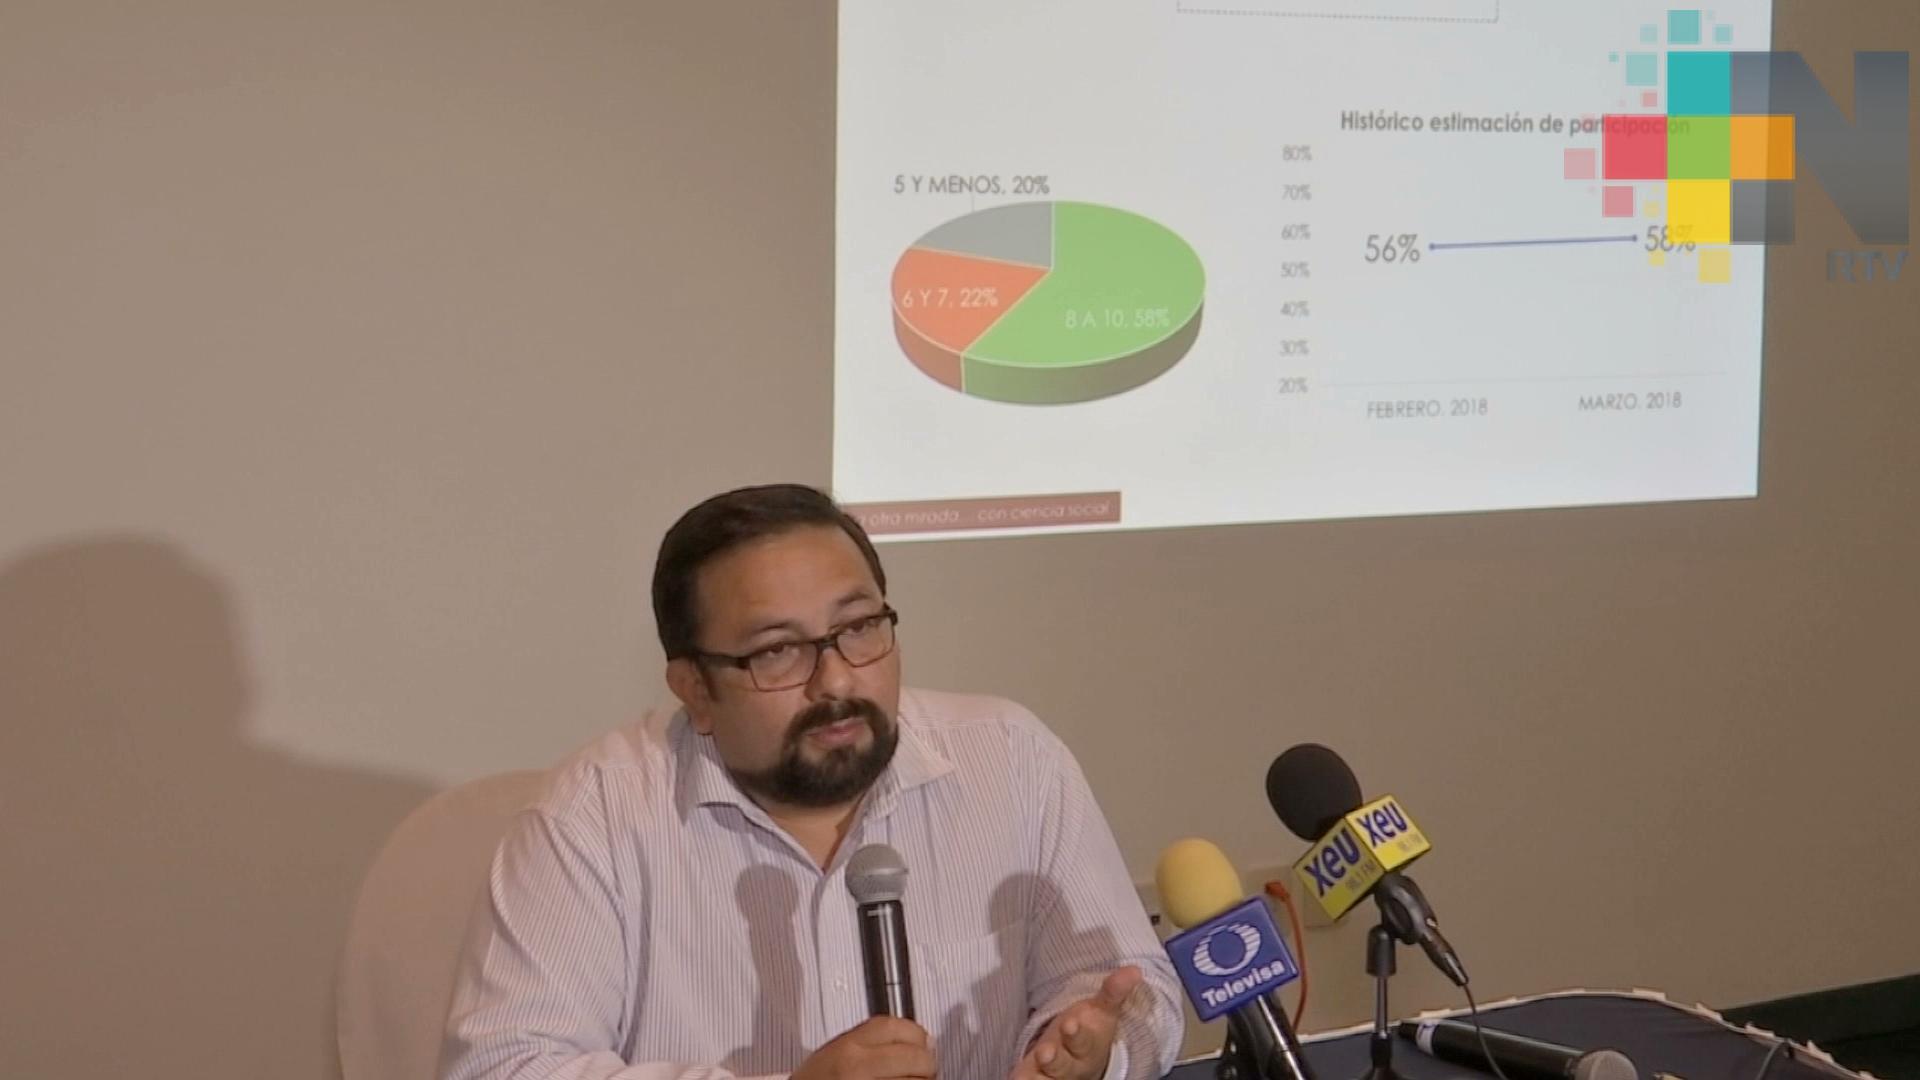 Aumenta intención del voto para elegir a gobernador en Veracruz, revela encuesta